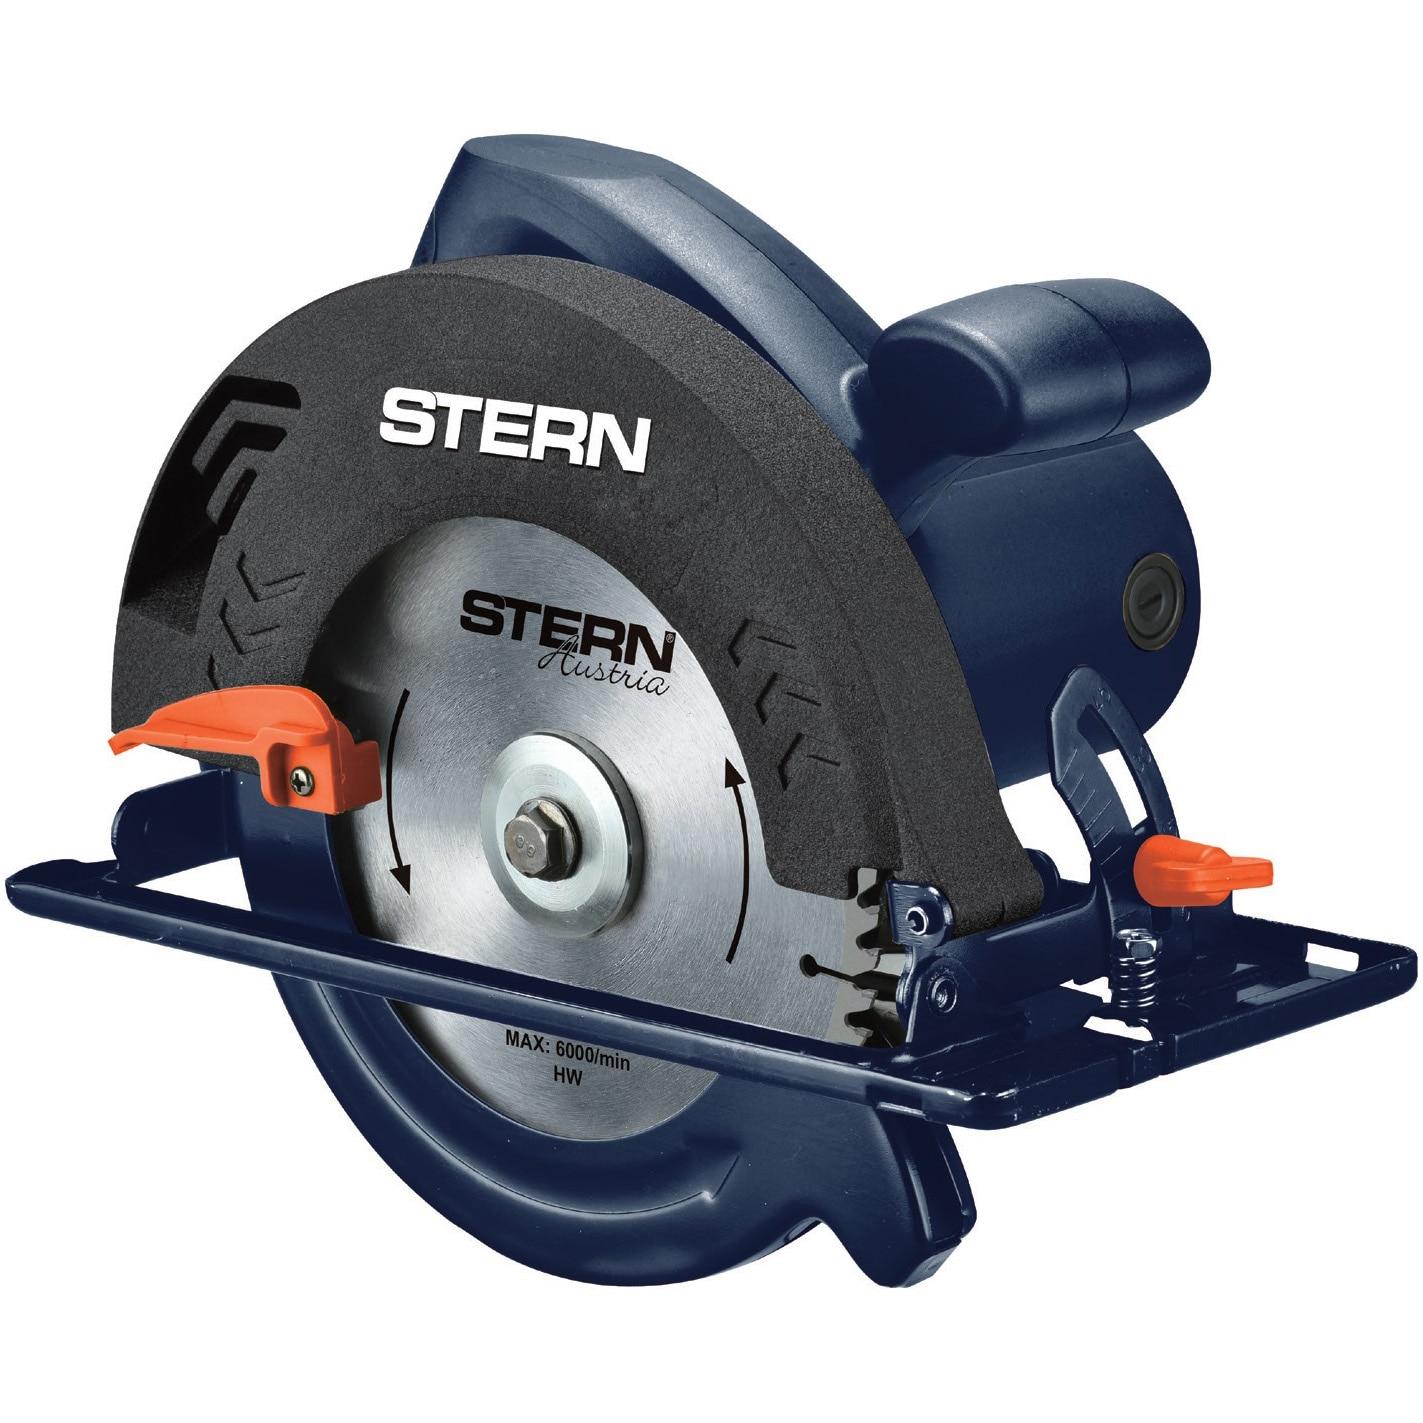 Fotografie Fierastrau pendular STERN CS185E, 1250 W, 6000 RPM, 185 mm diametru disc, 38 mm adancime maxima taiere